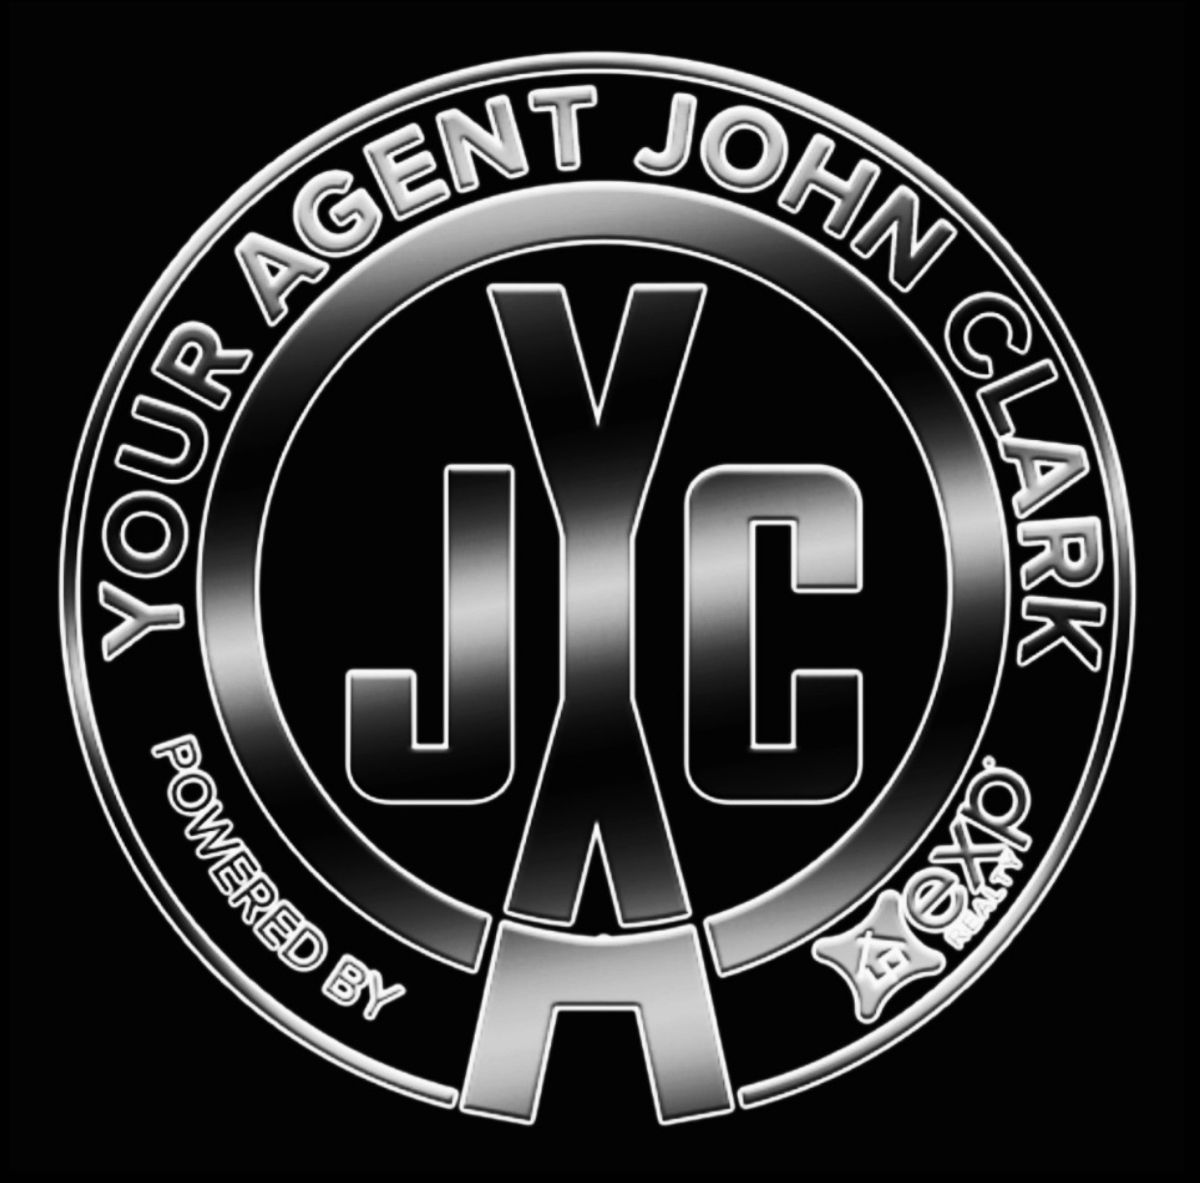 Your Agent John Clark in 2020 John clark, Clark, John